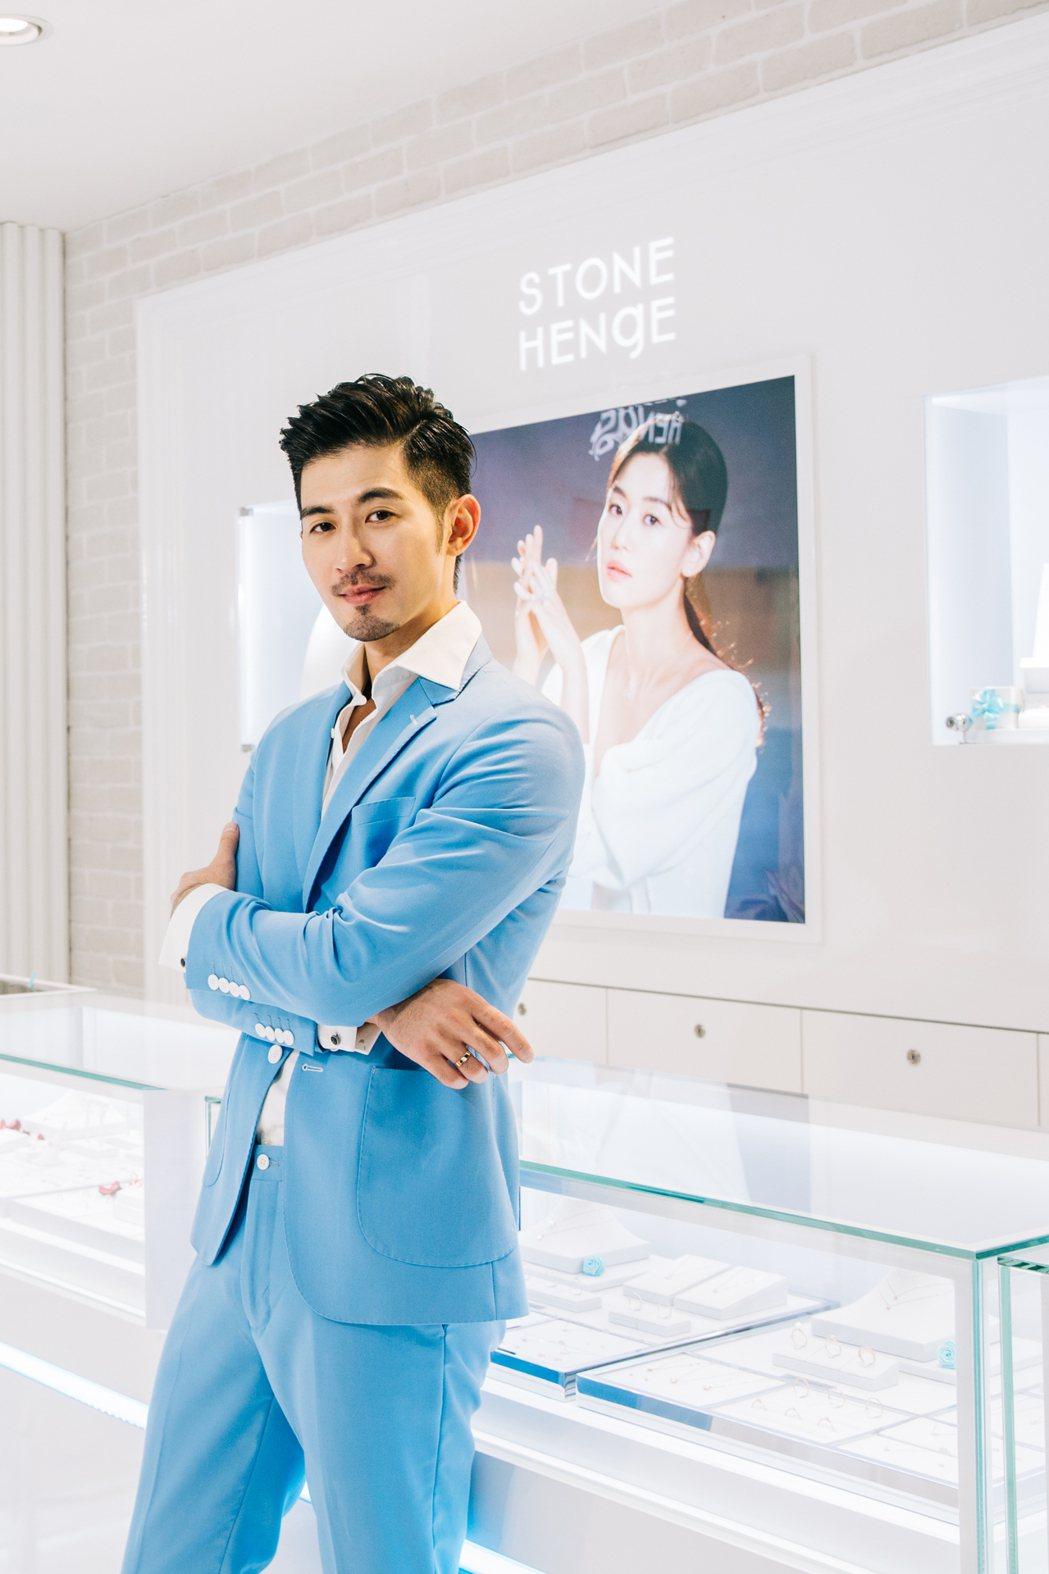 言明澔出席韓國珠寶一日店長活動。圖/STONEHENgE(斯通亨奇)提供